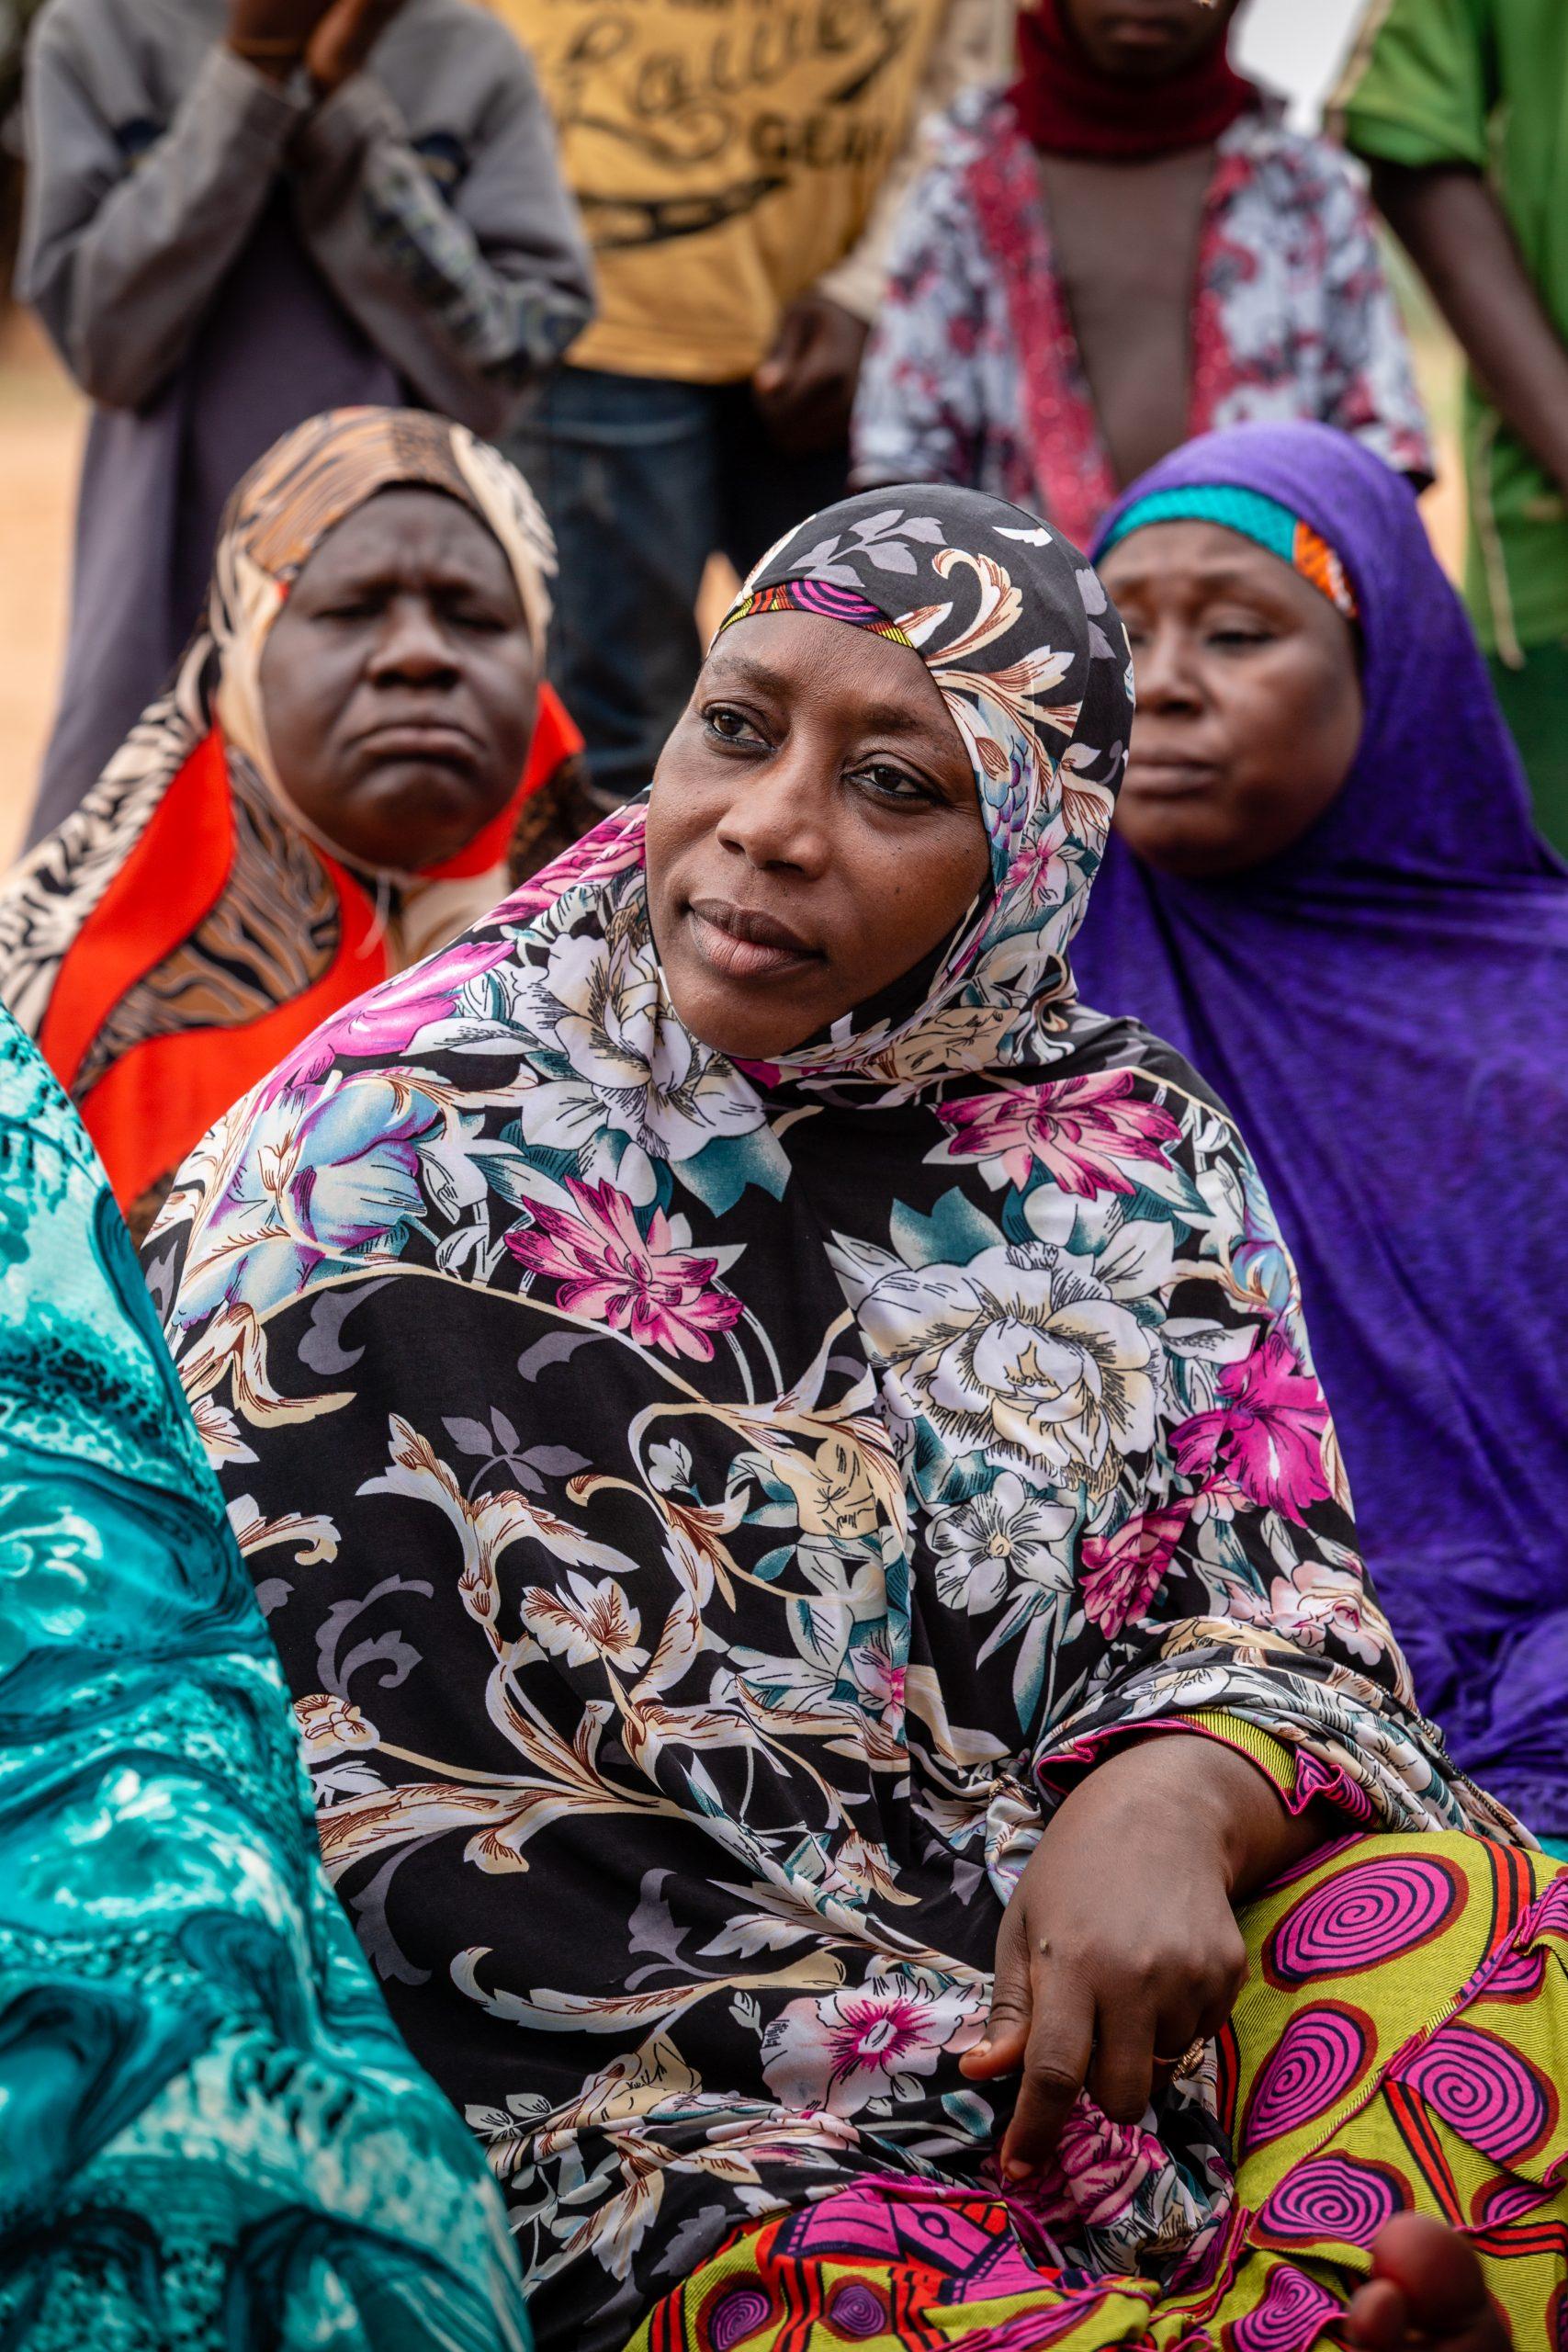 Le donne del gruppo discutono la pianificazione attuale.